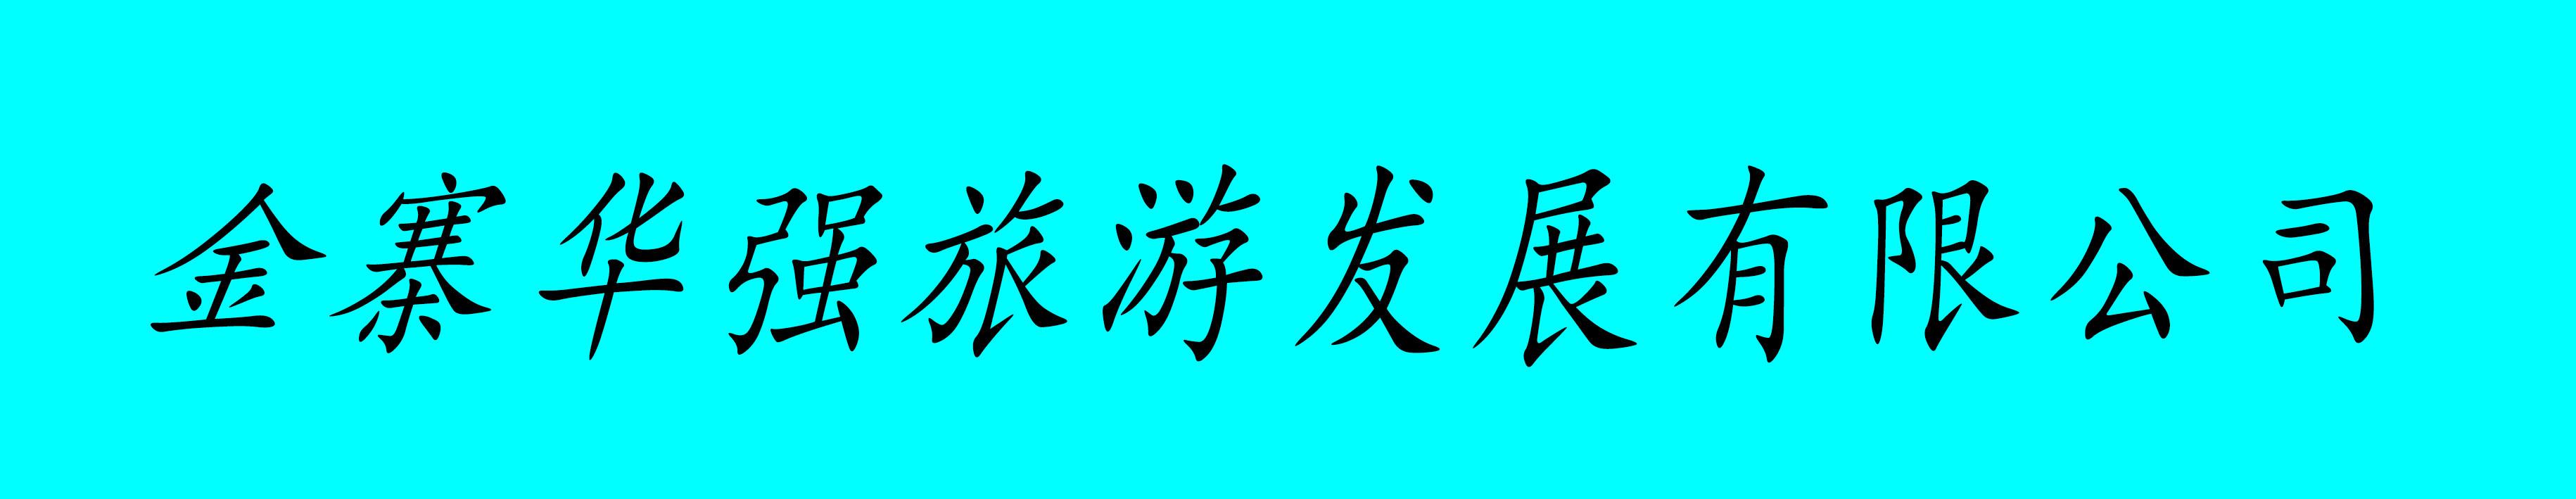 金寨华强旅游发展有限公司